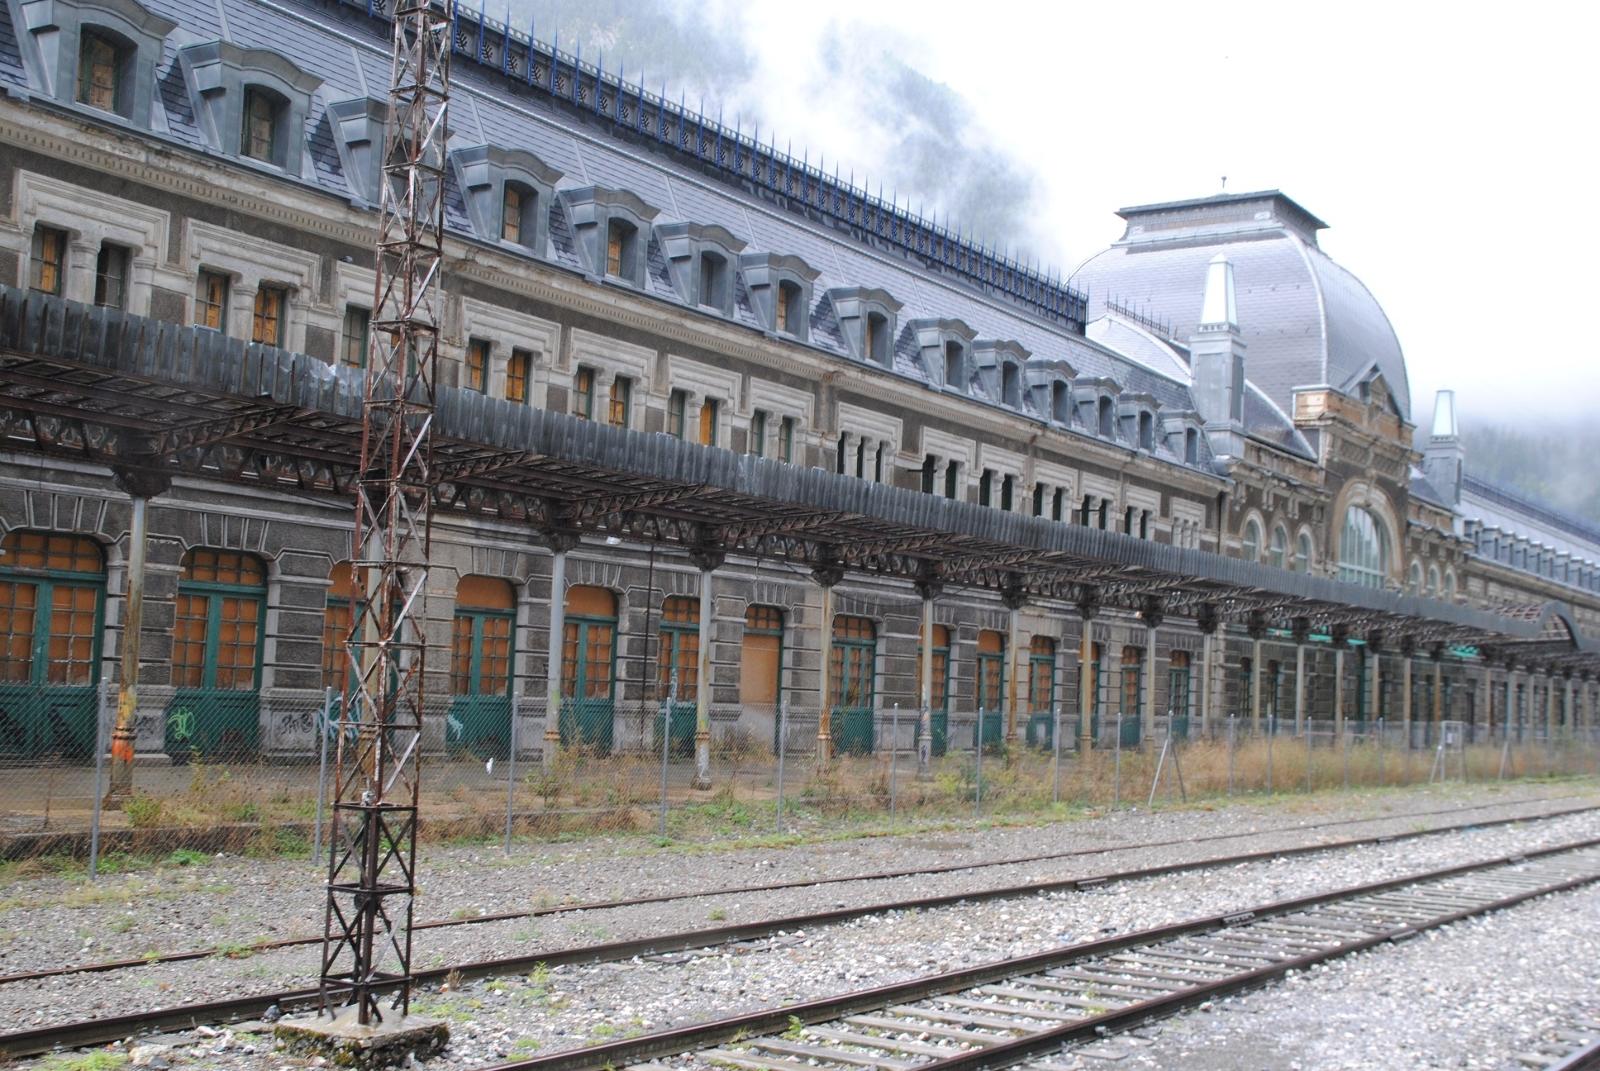 Um in das eigentliche Bahnhofsgebäude zu kommen muss man durch eine Unterführung, doch die ist verschlossen.